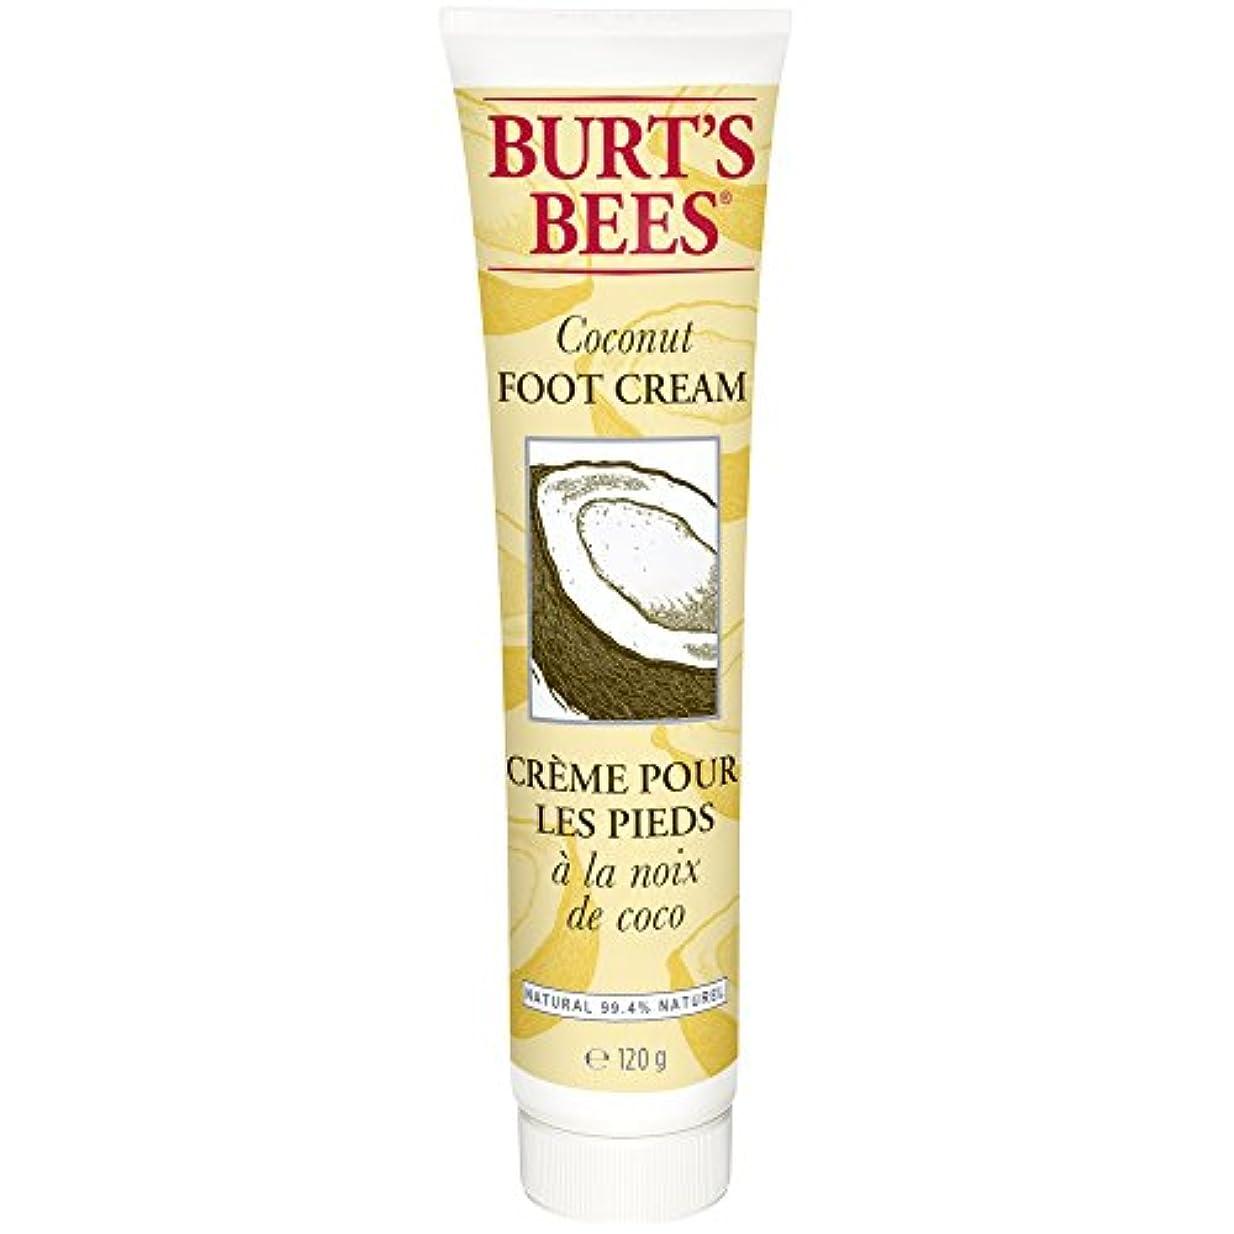 バンジージャンプ摘む俳句バーツビーのココナッツフットクリーム123グラム (Burt's Bees) - Burt's Bees Coconut Foot Creme 123g [並行輸入品]